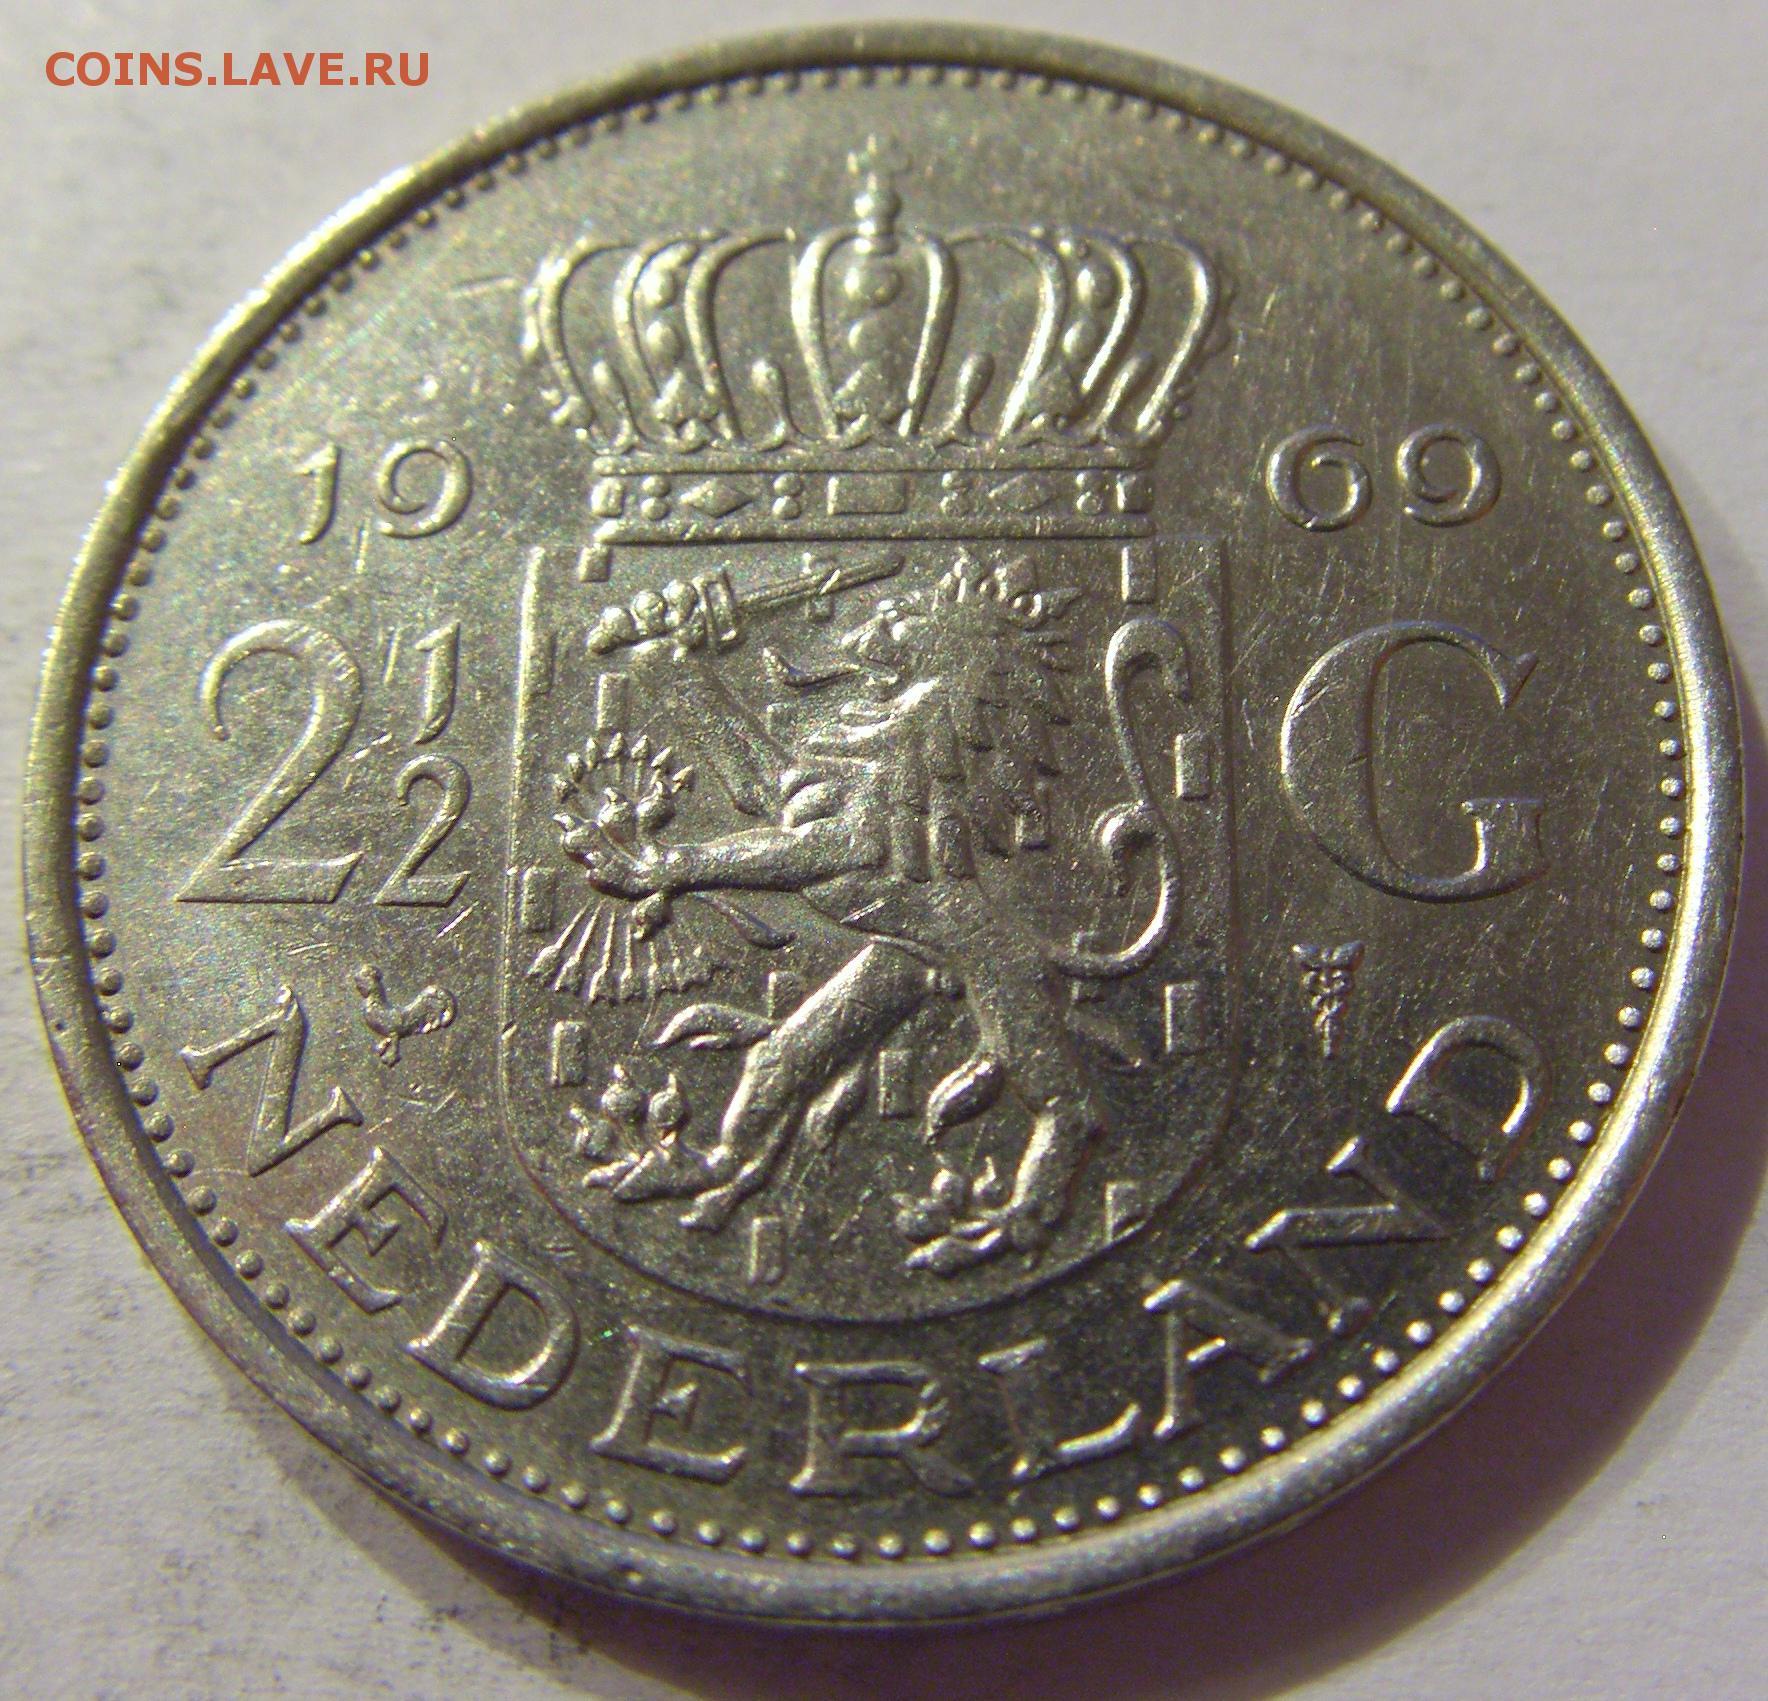 Нидерланды (голландия) 1 гульден 1969 г фото к объявлению: нидерланды (голландия) 1 гульден 1969 г